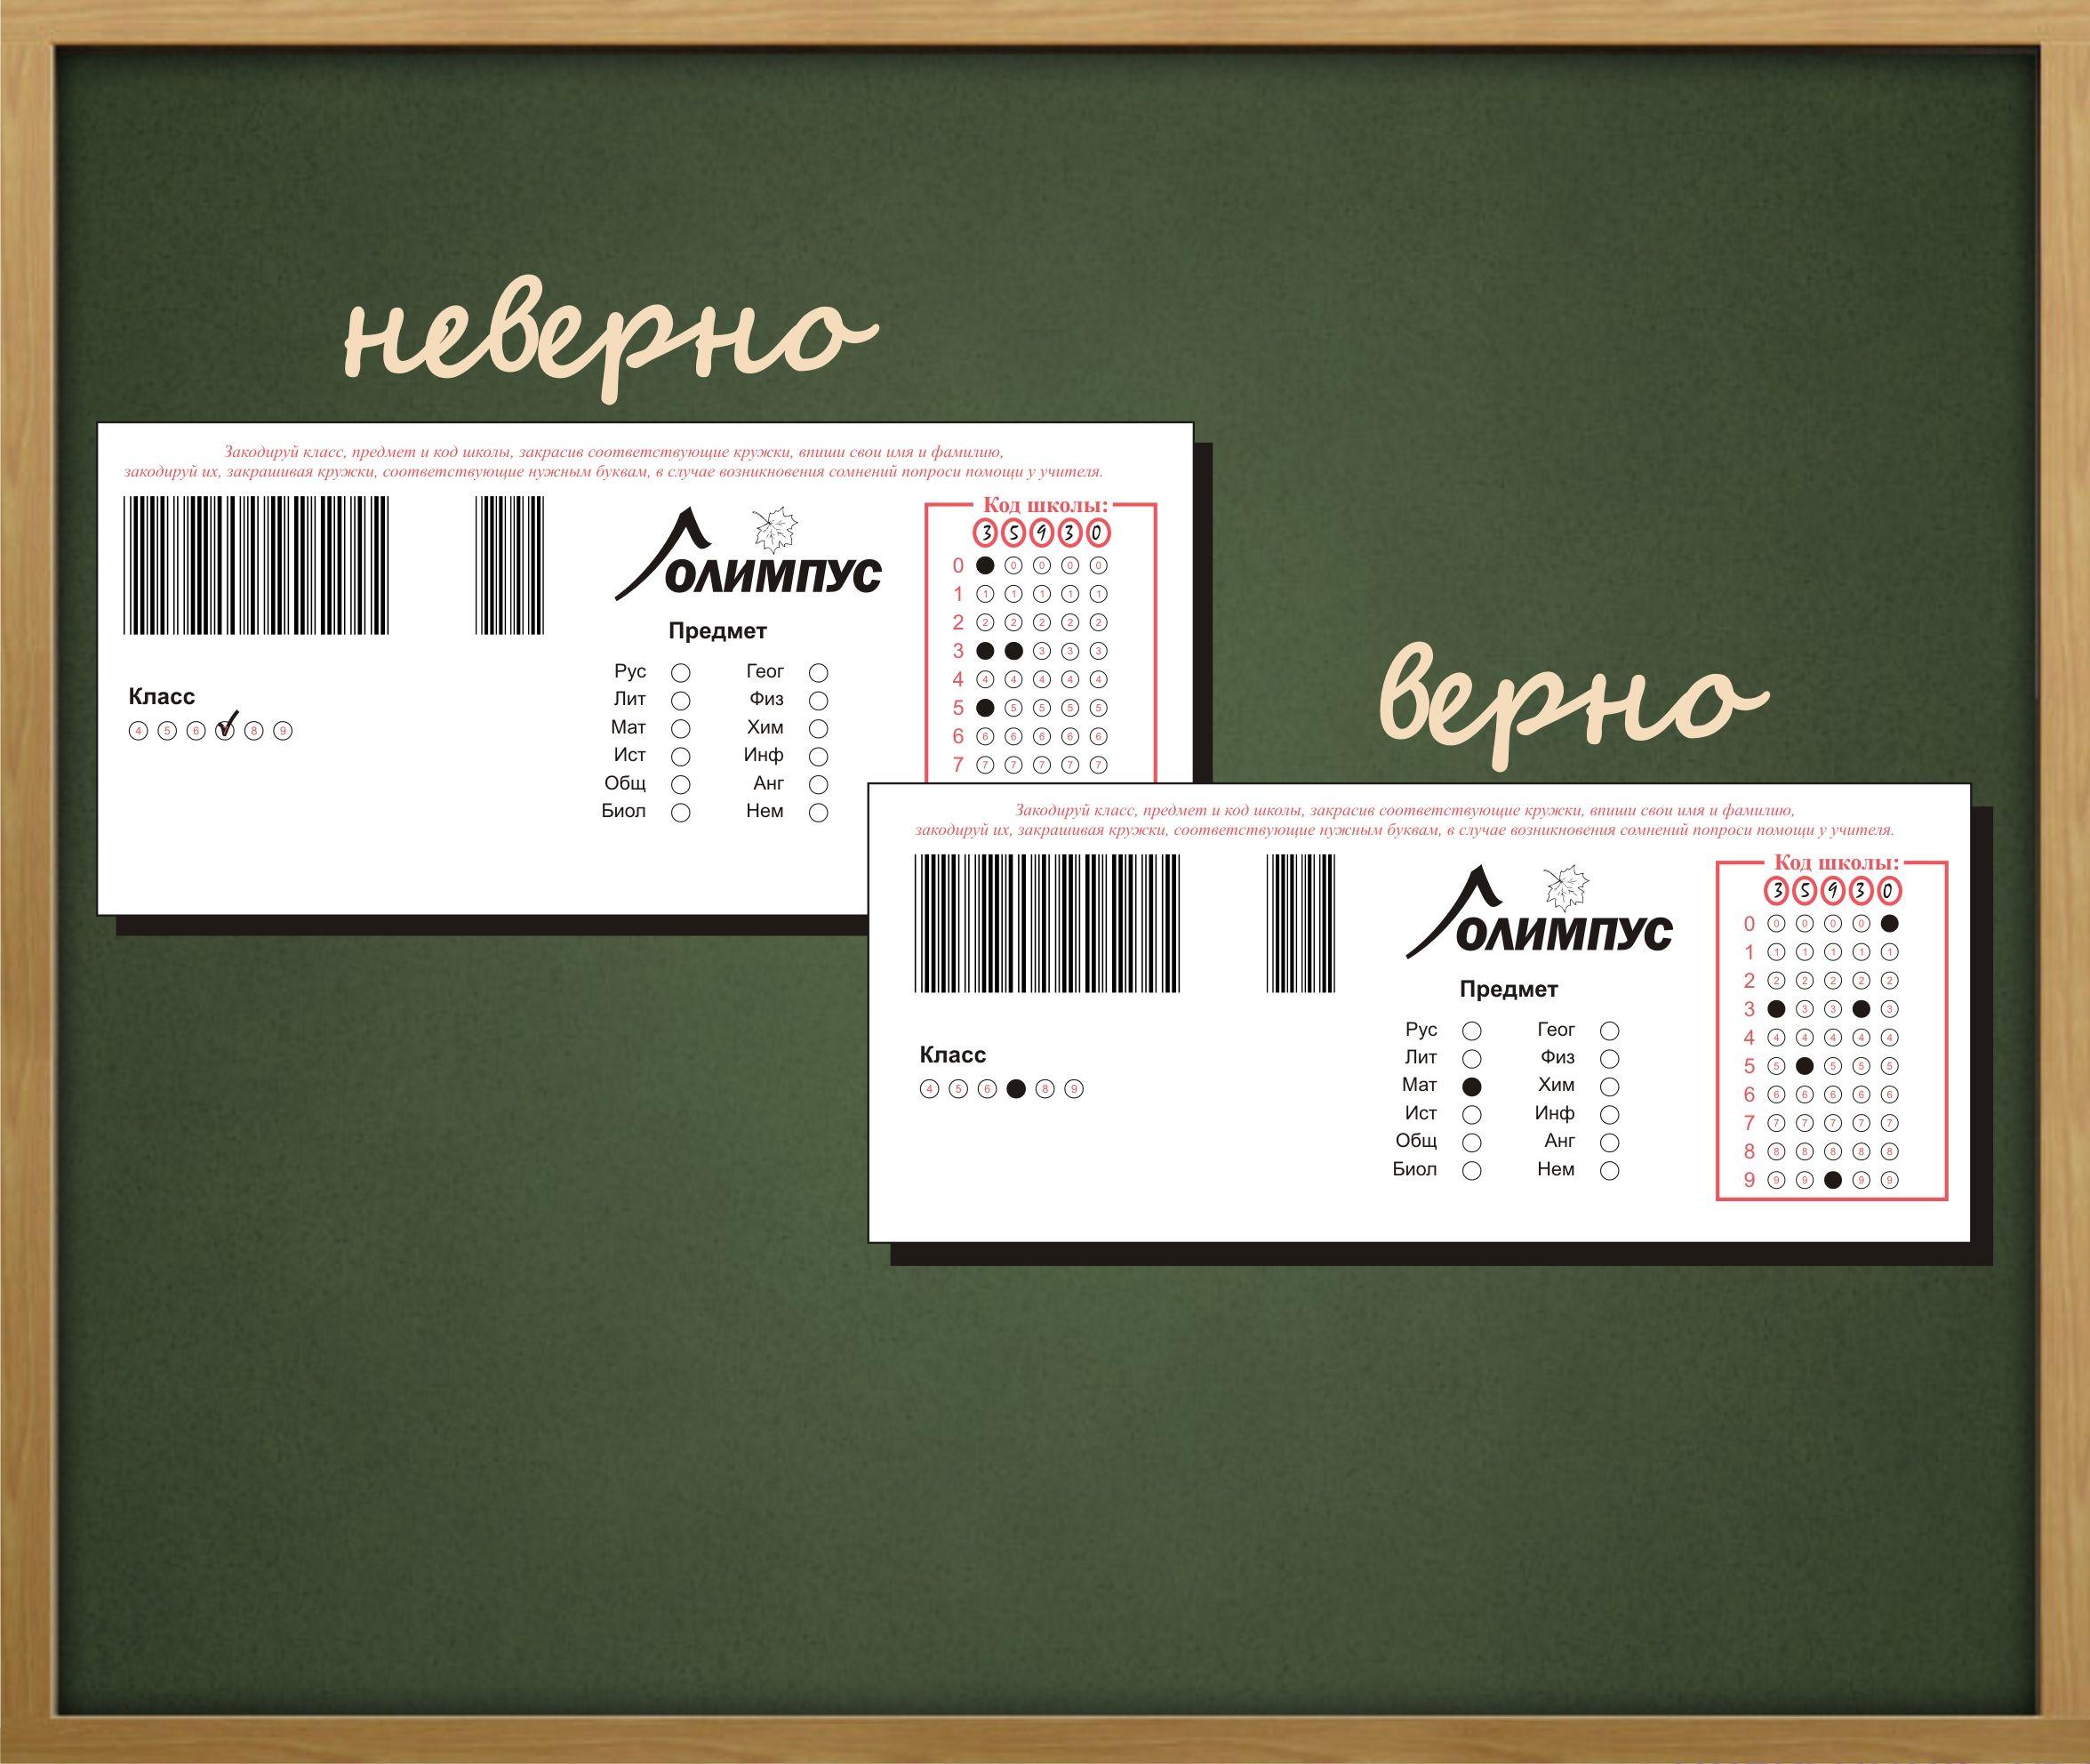 Олимпус русский язык 6 класс ответы осеняя сессия